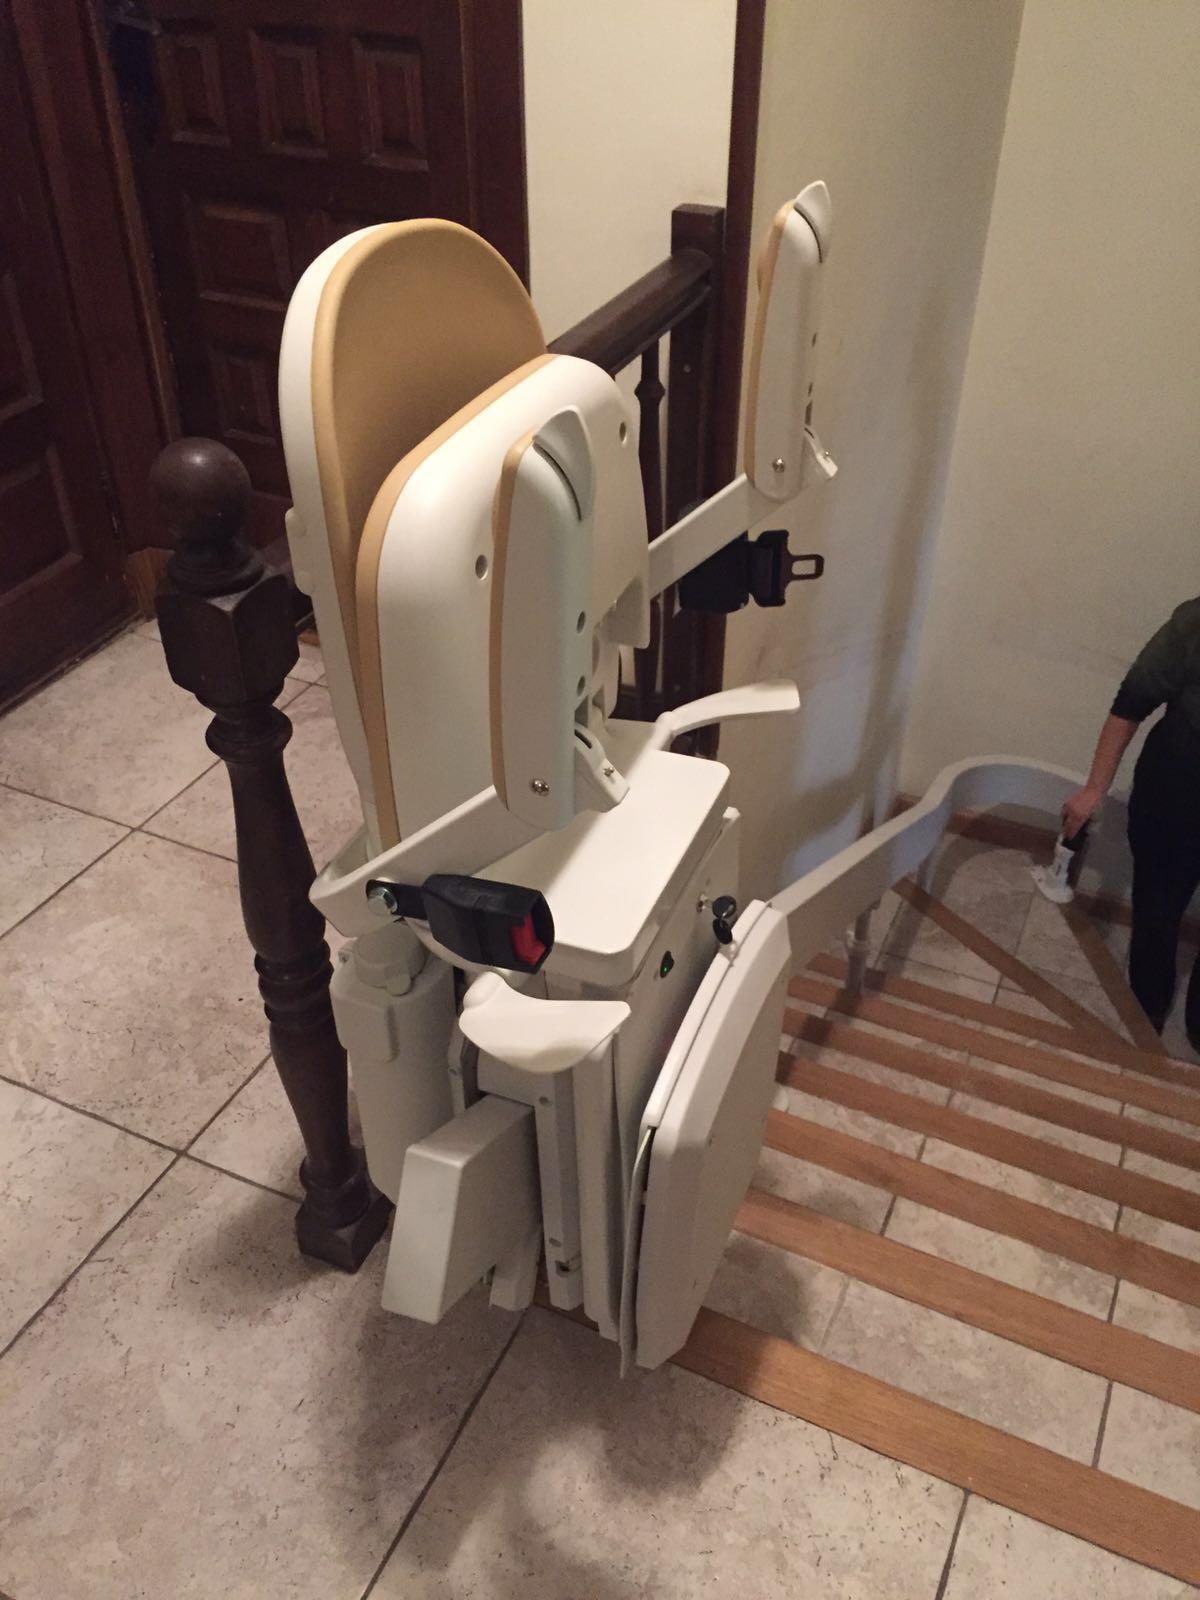 Tipos de sillas salvaescaleras en galicia for Silla salvaescaleras